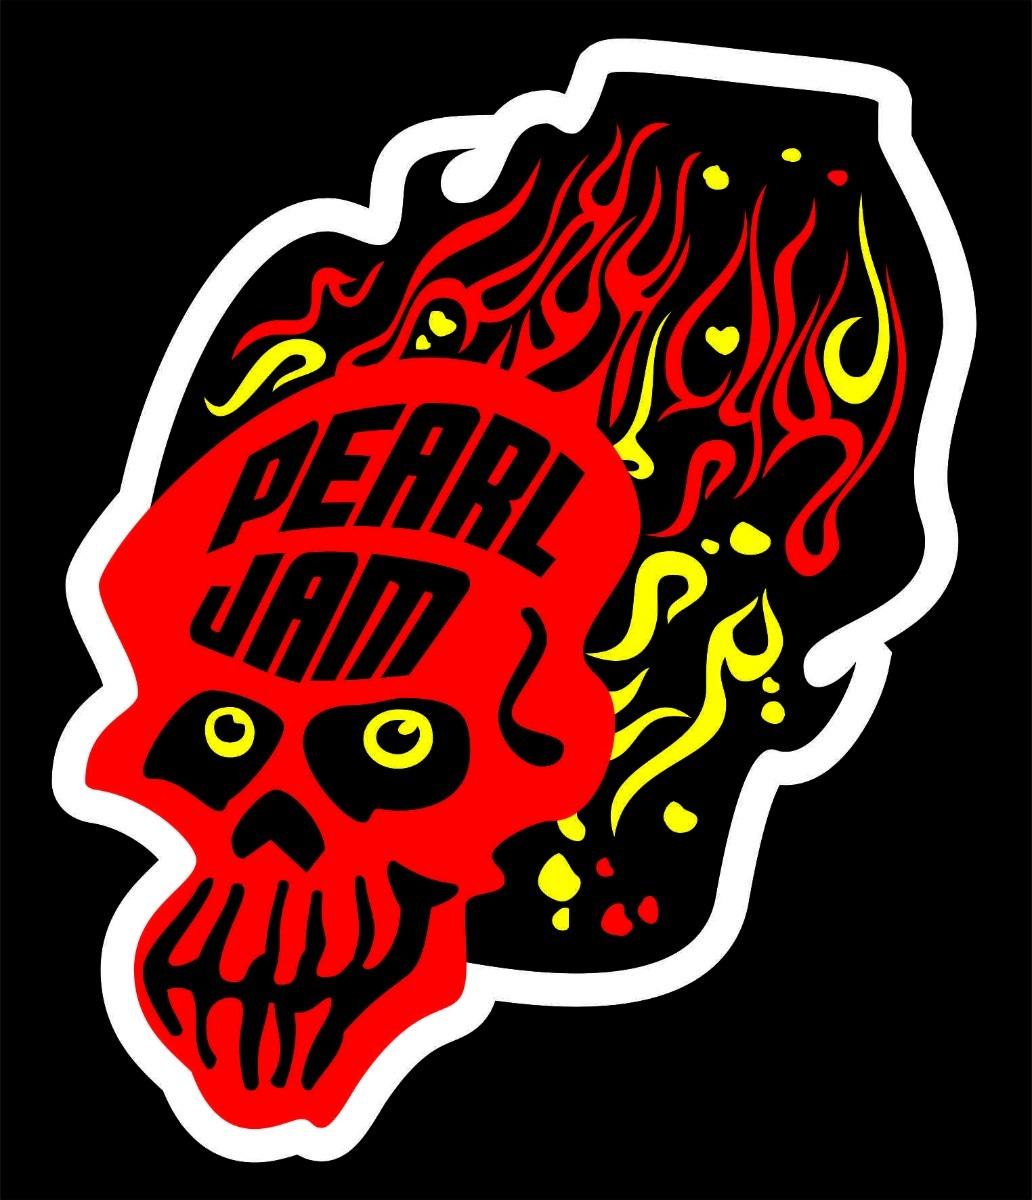 Adesivos De Bandas Pearl Jam R$ 5 50 em Mercado Livre #CA0102 1032 1200